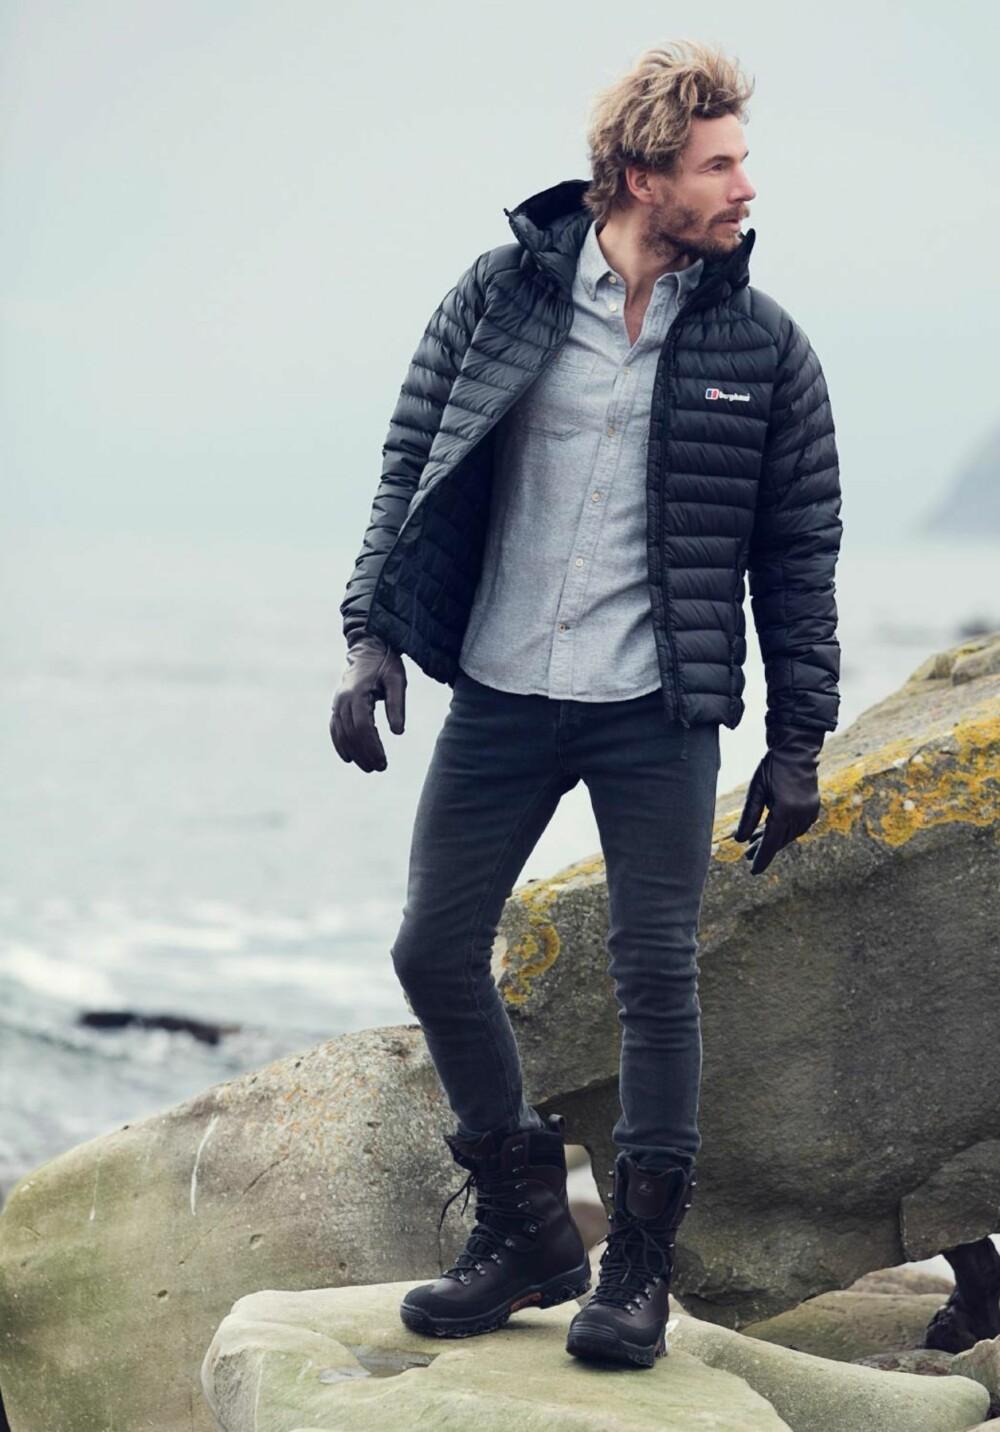 LETTDUNJAKKEN: Et basisplagg alle menn bør ha i garderoben, mener stylistene. Dunjakke fra Berghaus, kr 3555. SKjorte fra NN07, kr 1099. Jeans fra Mardou&Dean, kr 1099. Støvler fra Viking footwear, kr 3099.  FOTO: Janne Rugland STYLING: Elisa Røtterud og Stian Tjernsmo